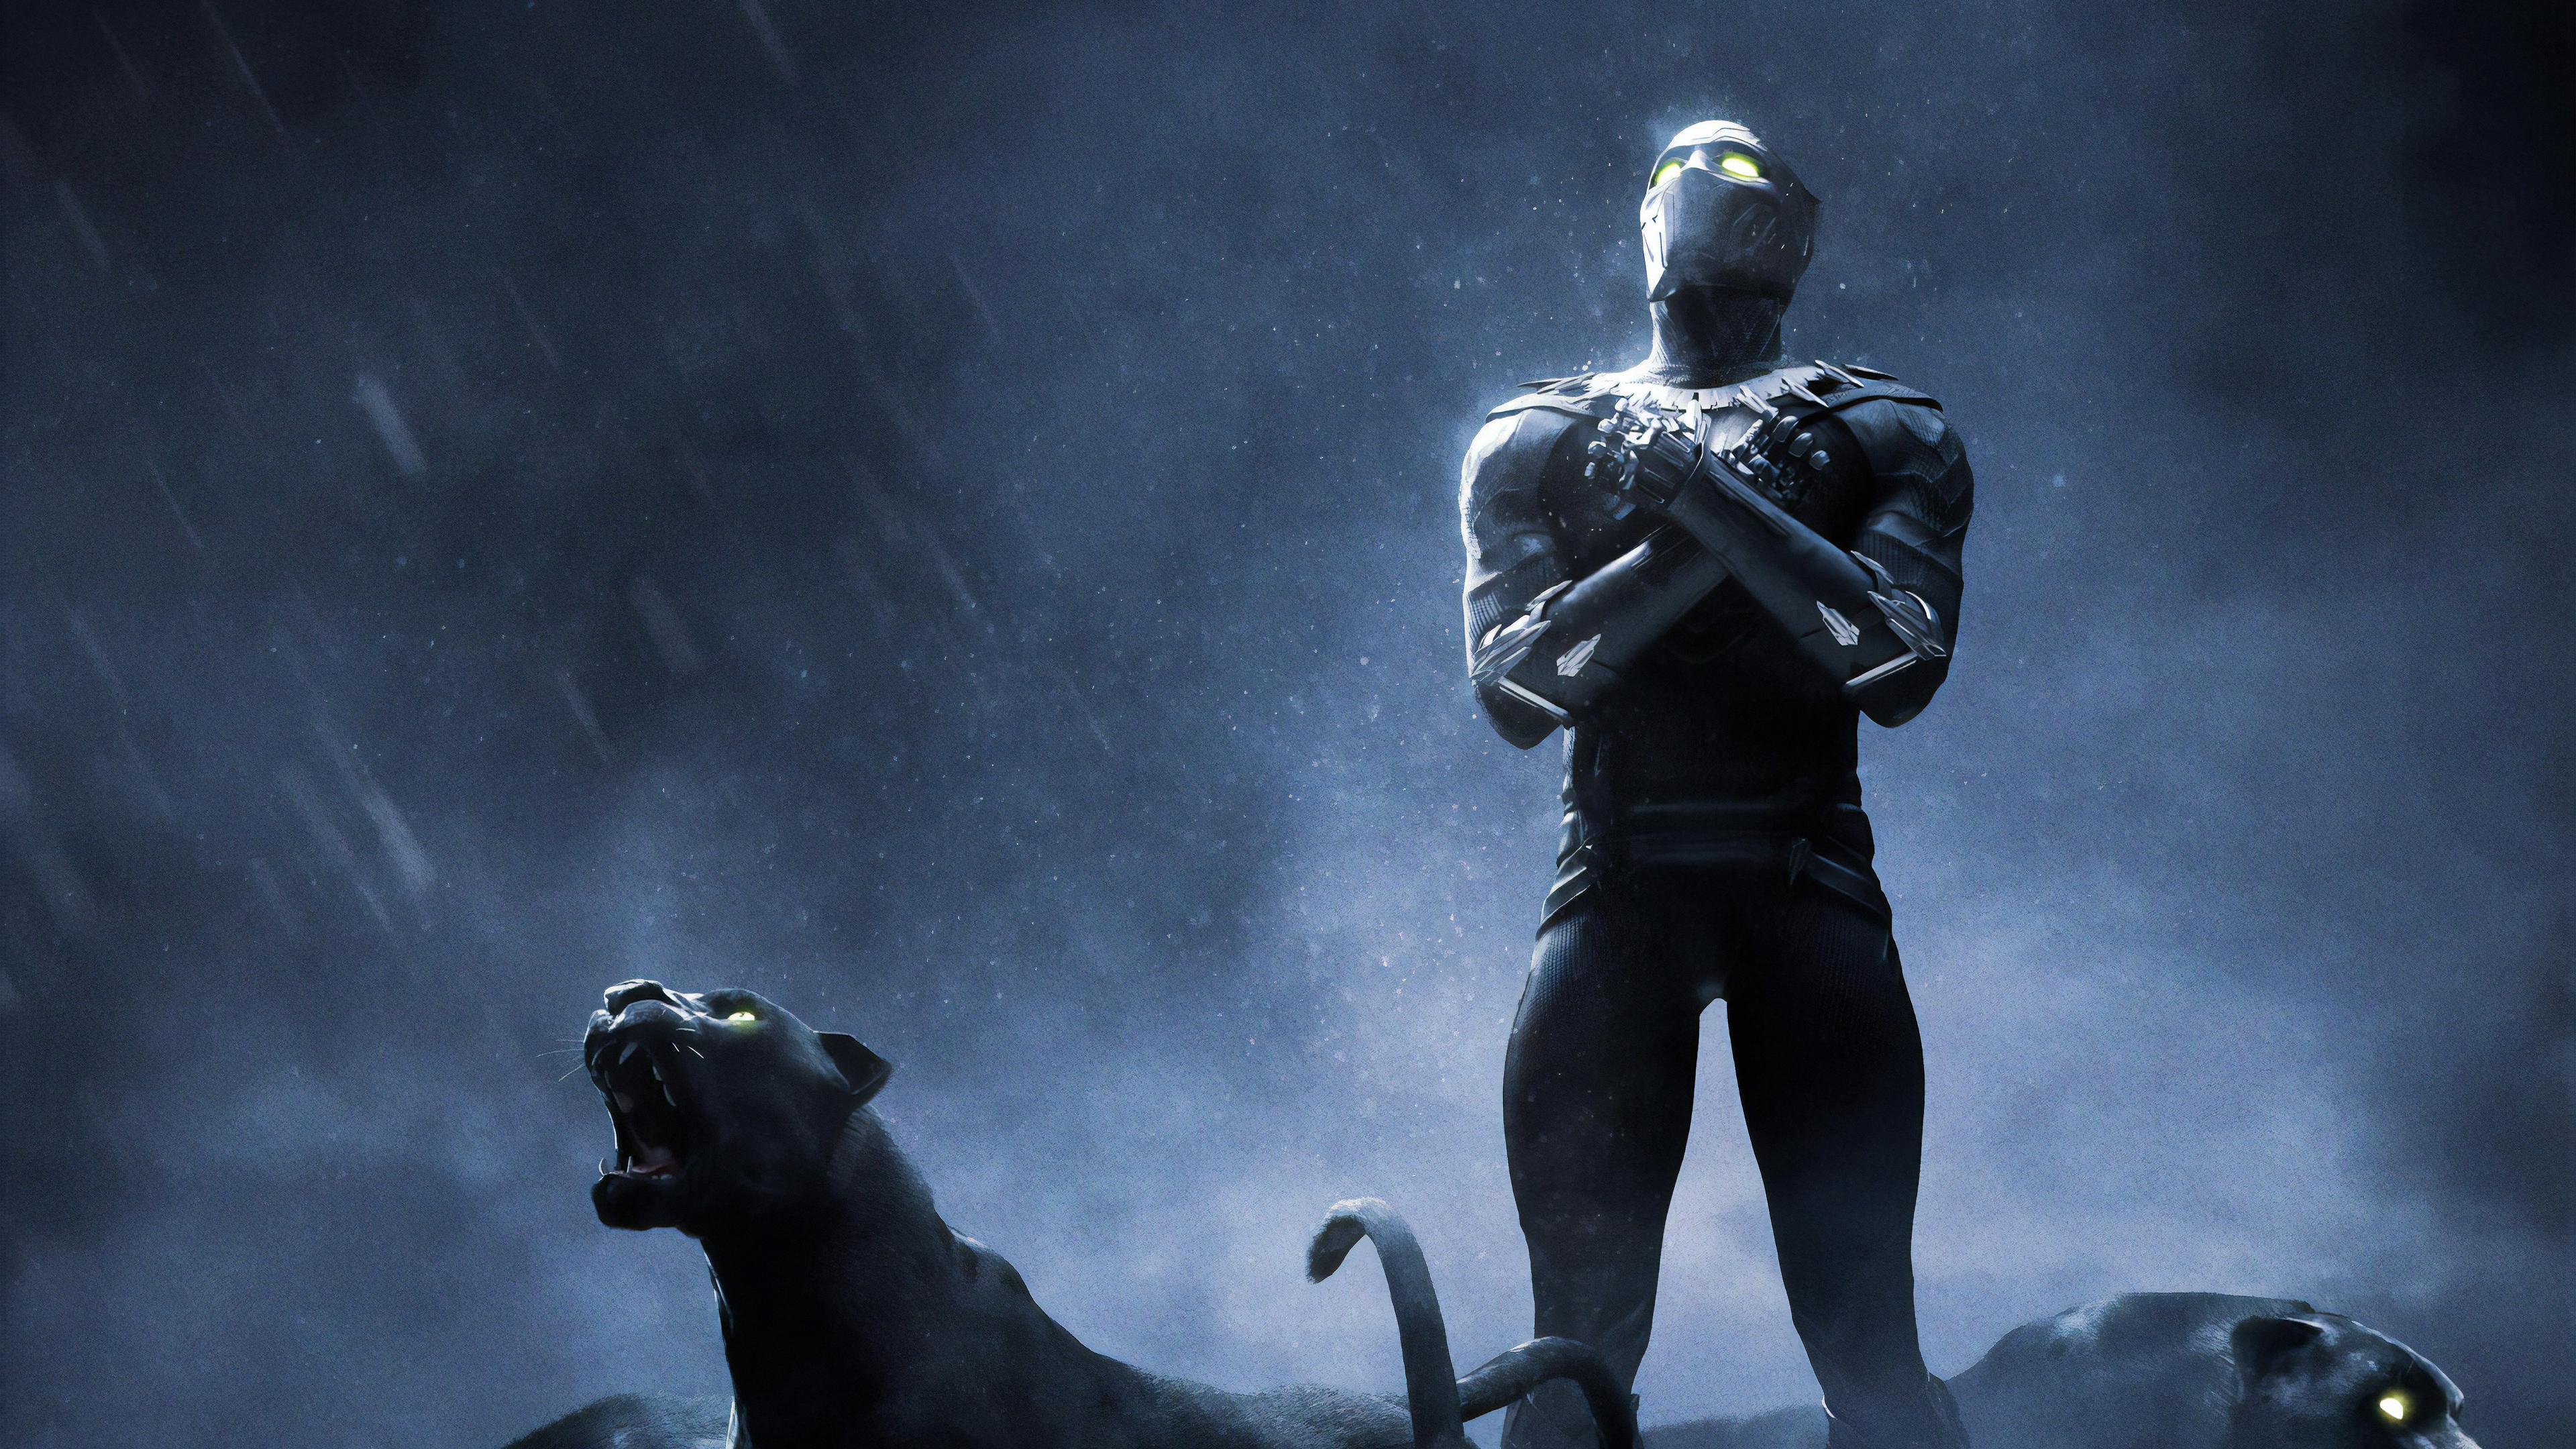 black panther 4k rise up 1562105985 - Black Panther 4k Rise Up - superheroes wallpapers, hd-wallpapers, black panther wallpapers, artwork wallpapers, artstation wallpapers, 4k-wallpapers